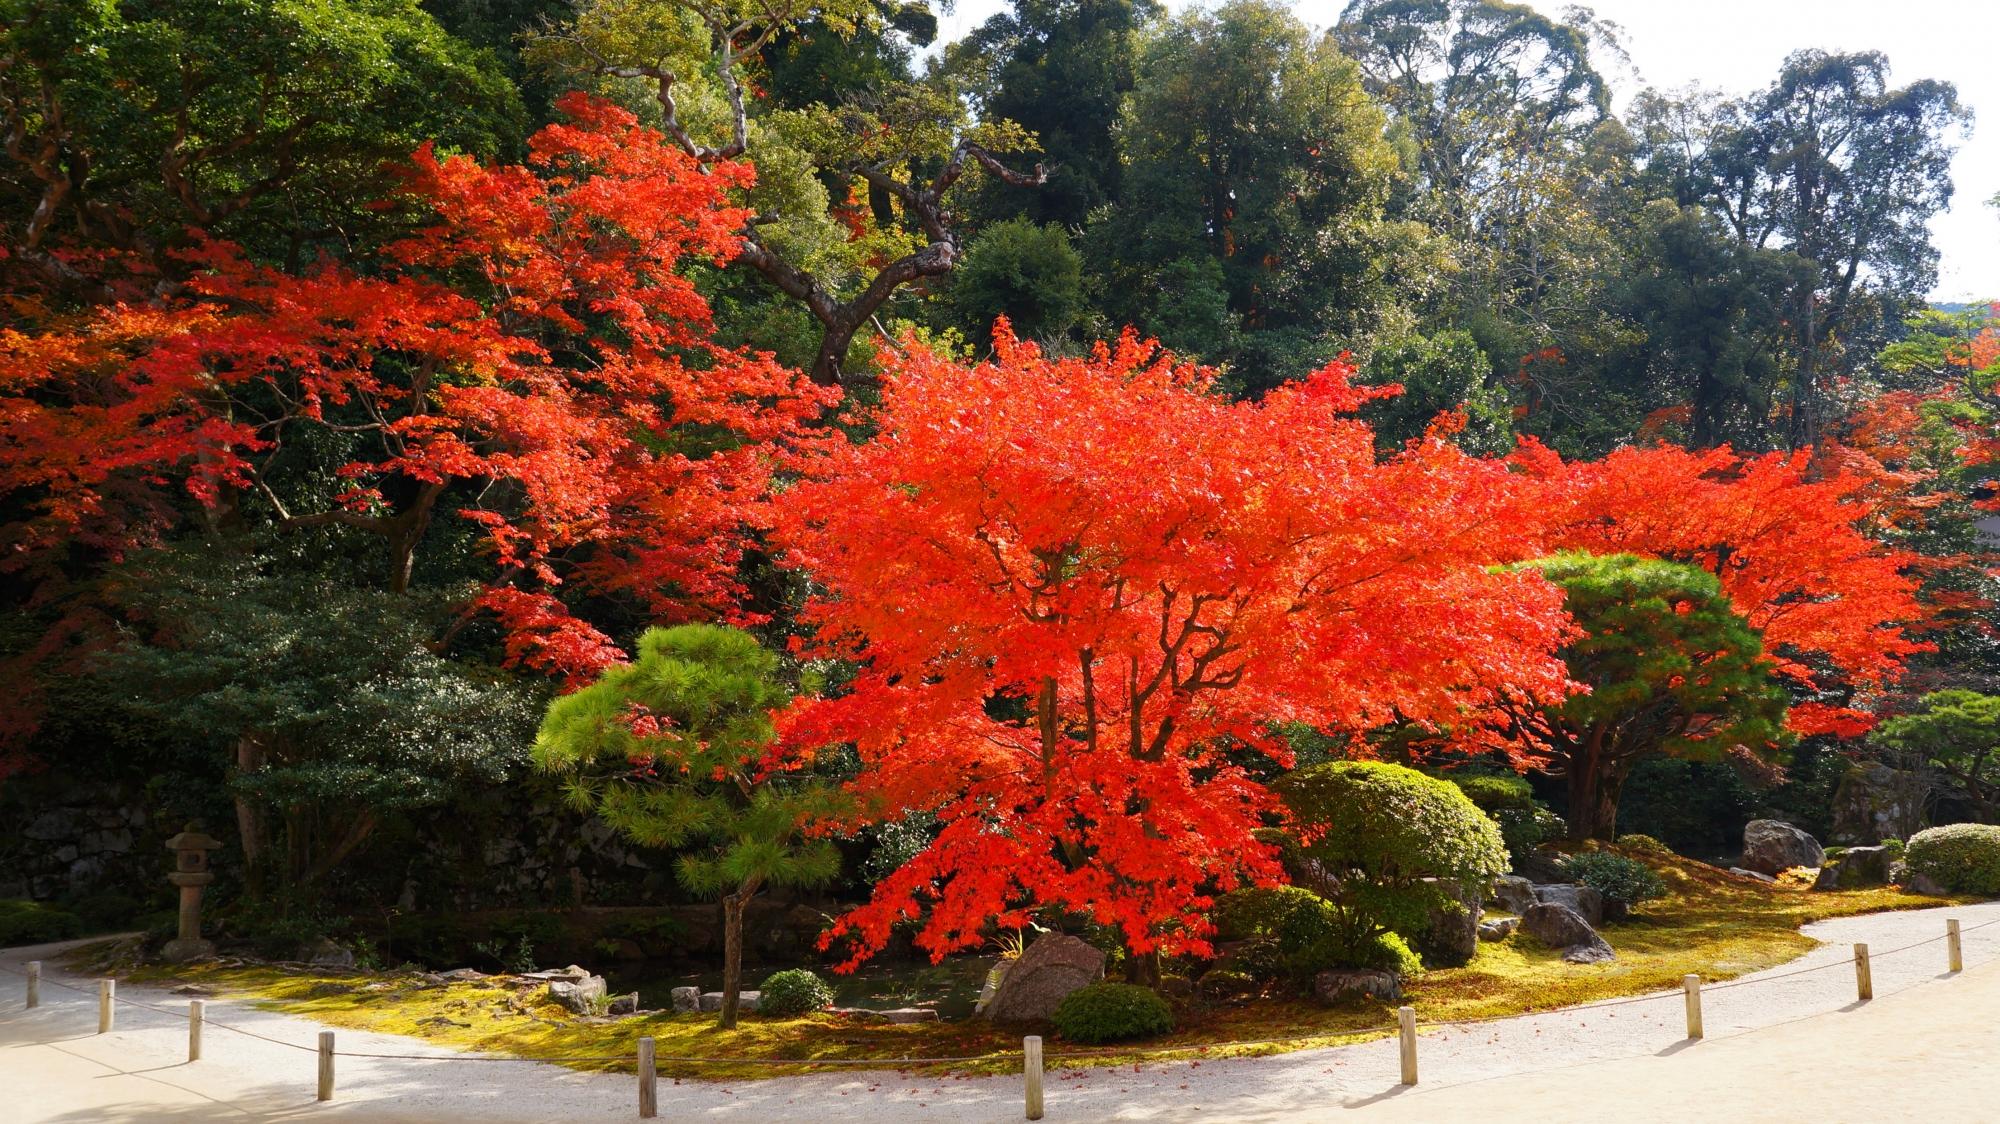 翼のように枝を広げて庭園を彩る紅葉